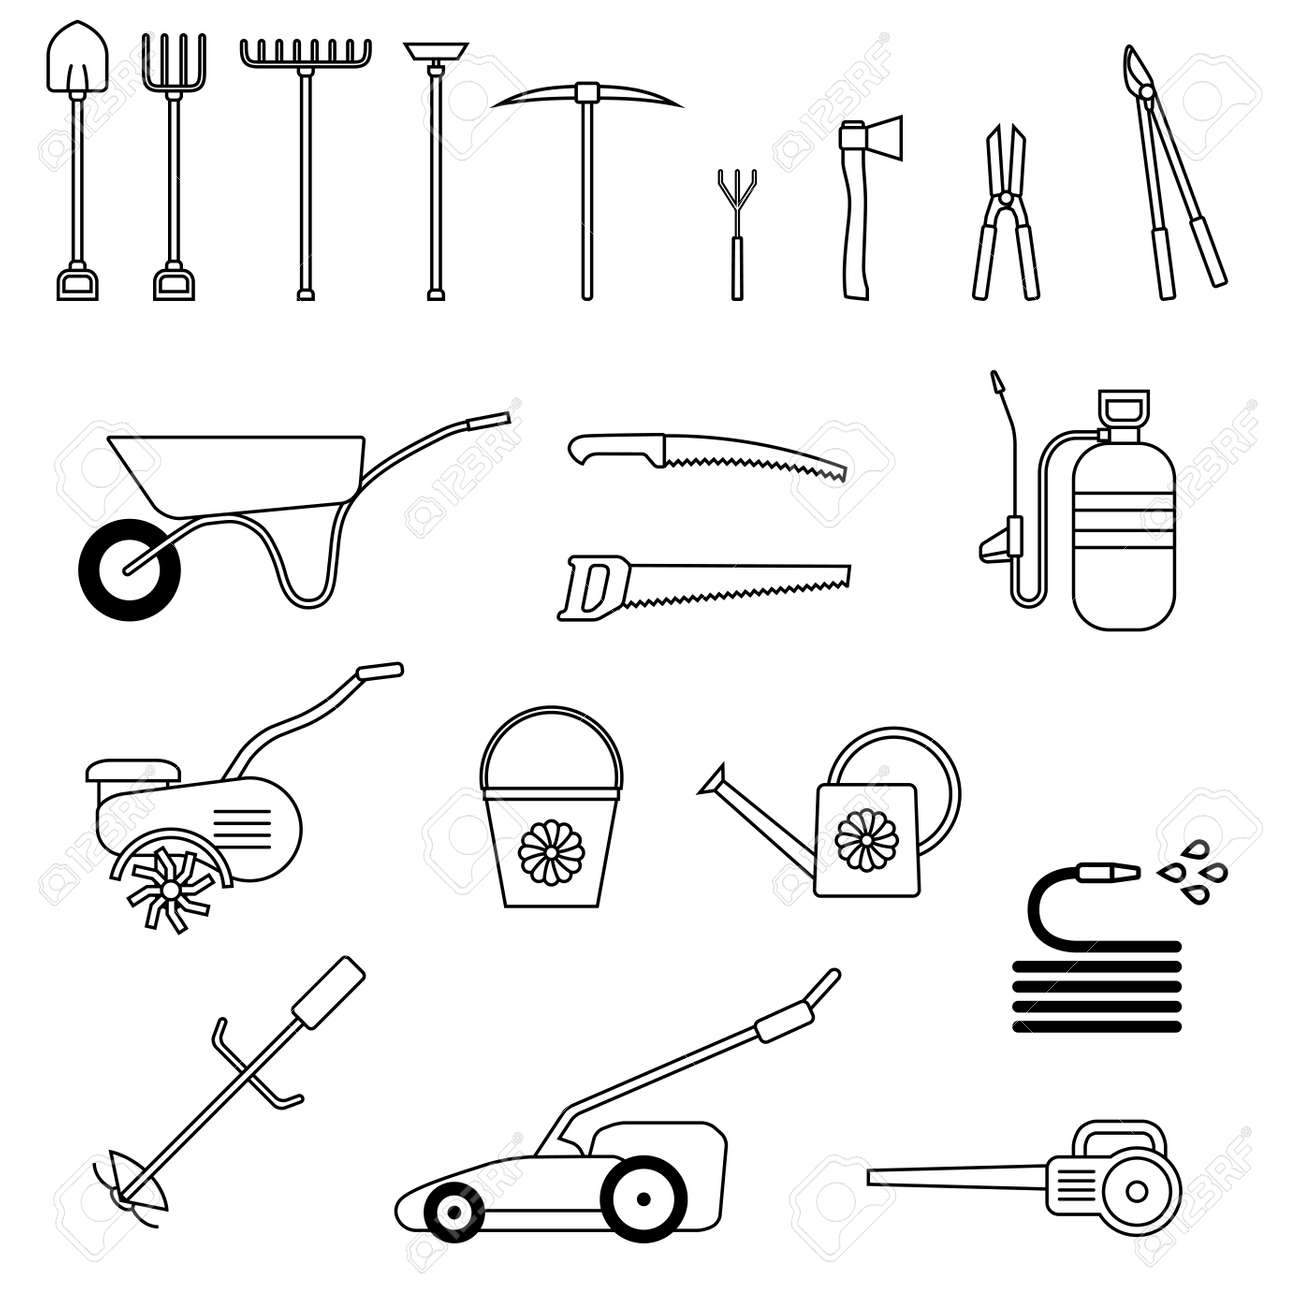 Ensemble d\'outils de jardin. Jardin outil icône. Outils de jardinage. des  outils agricoles. Vector illustration.